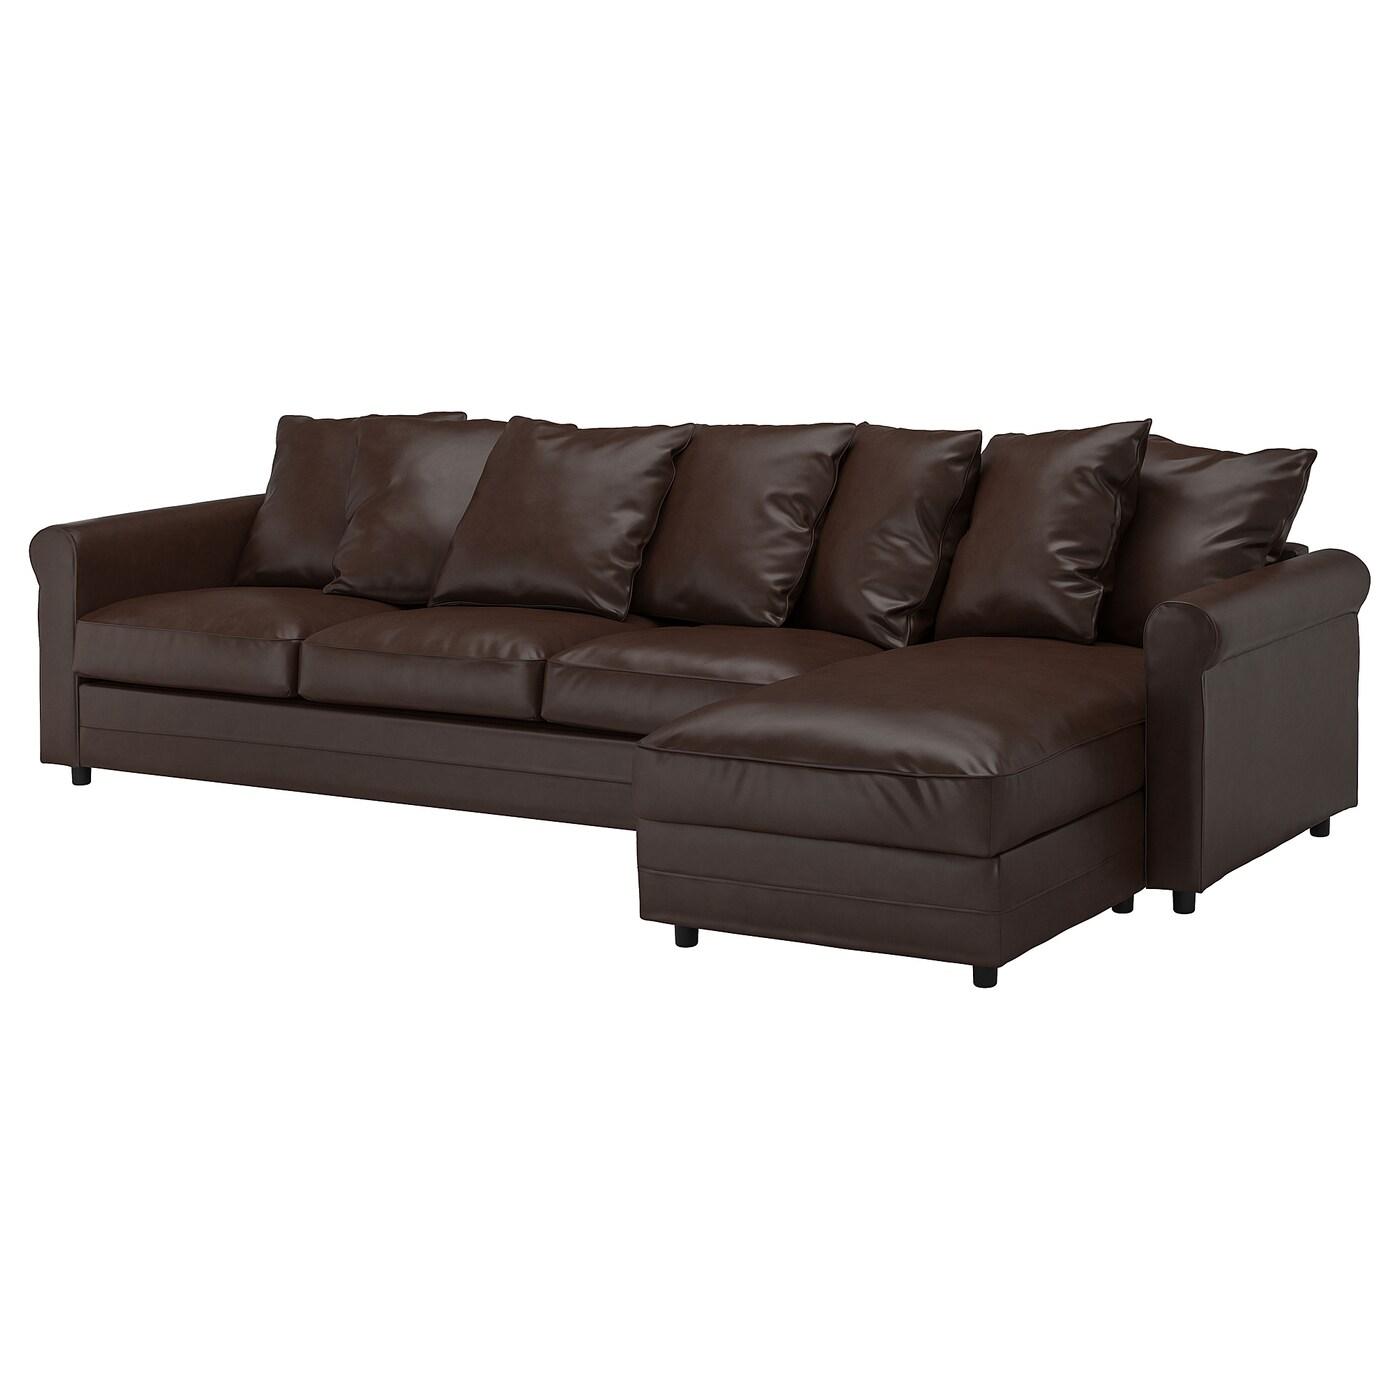 IKEA GRÖNLID Sofa 4-osobowa, z szezlongiem, Kimstad ciemnobrązowy